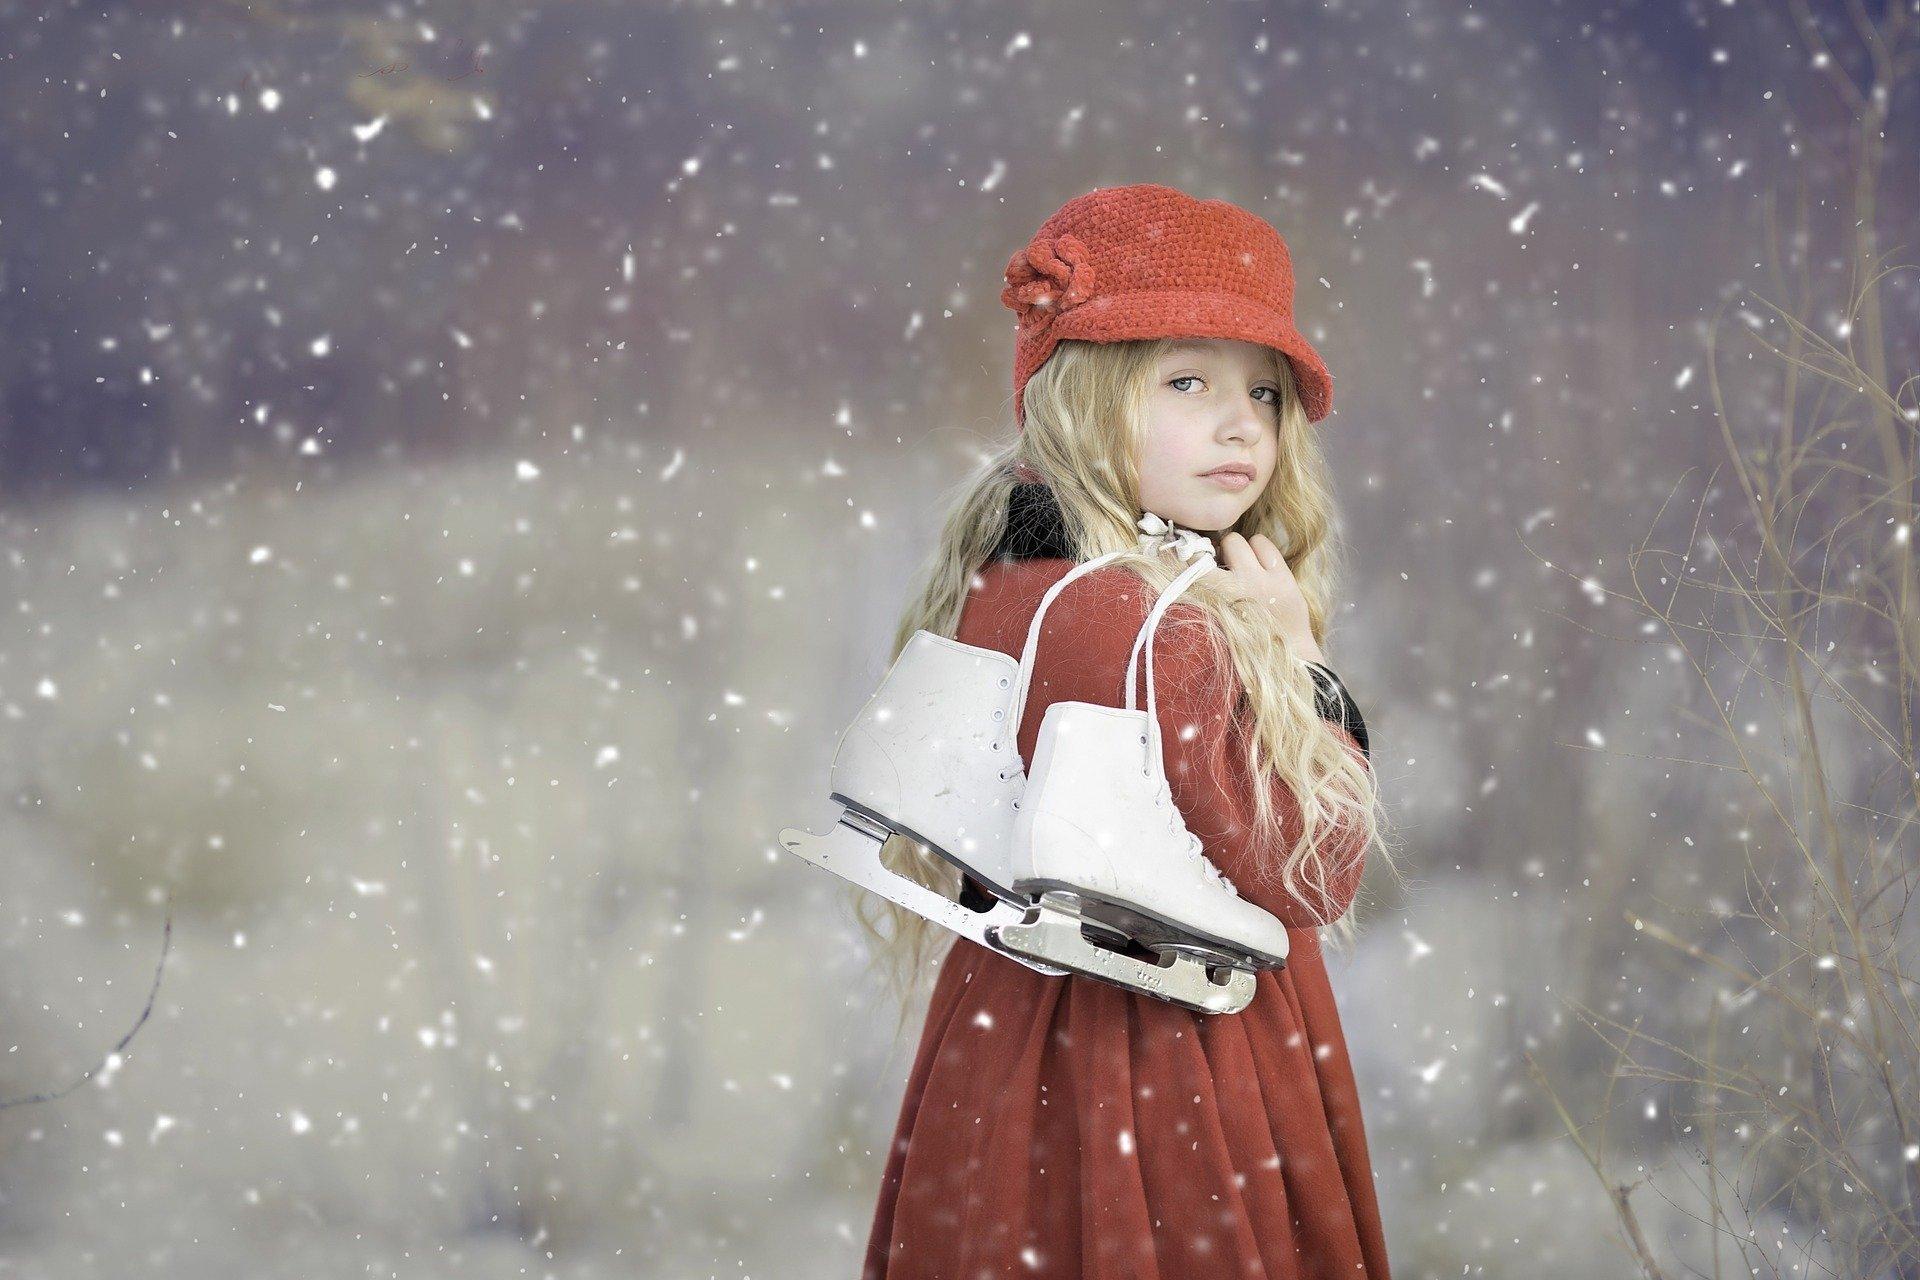 Ślizgawka piosenka dla dzieci na zimę, tekst i melodia